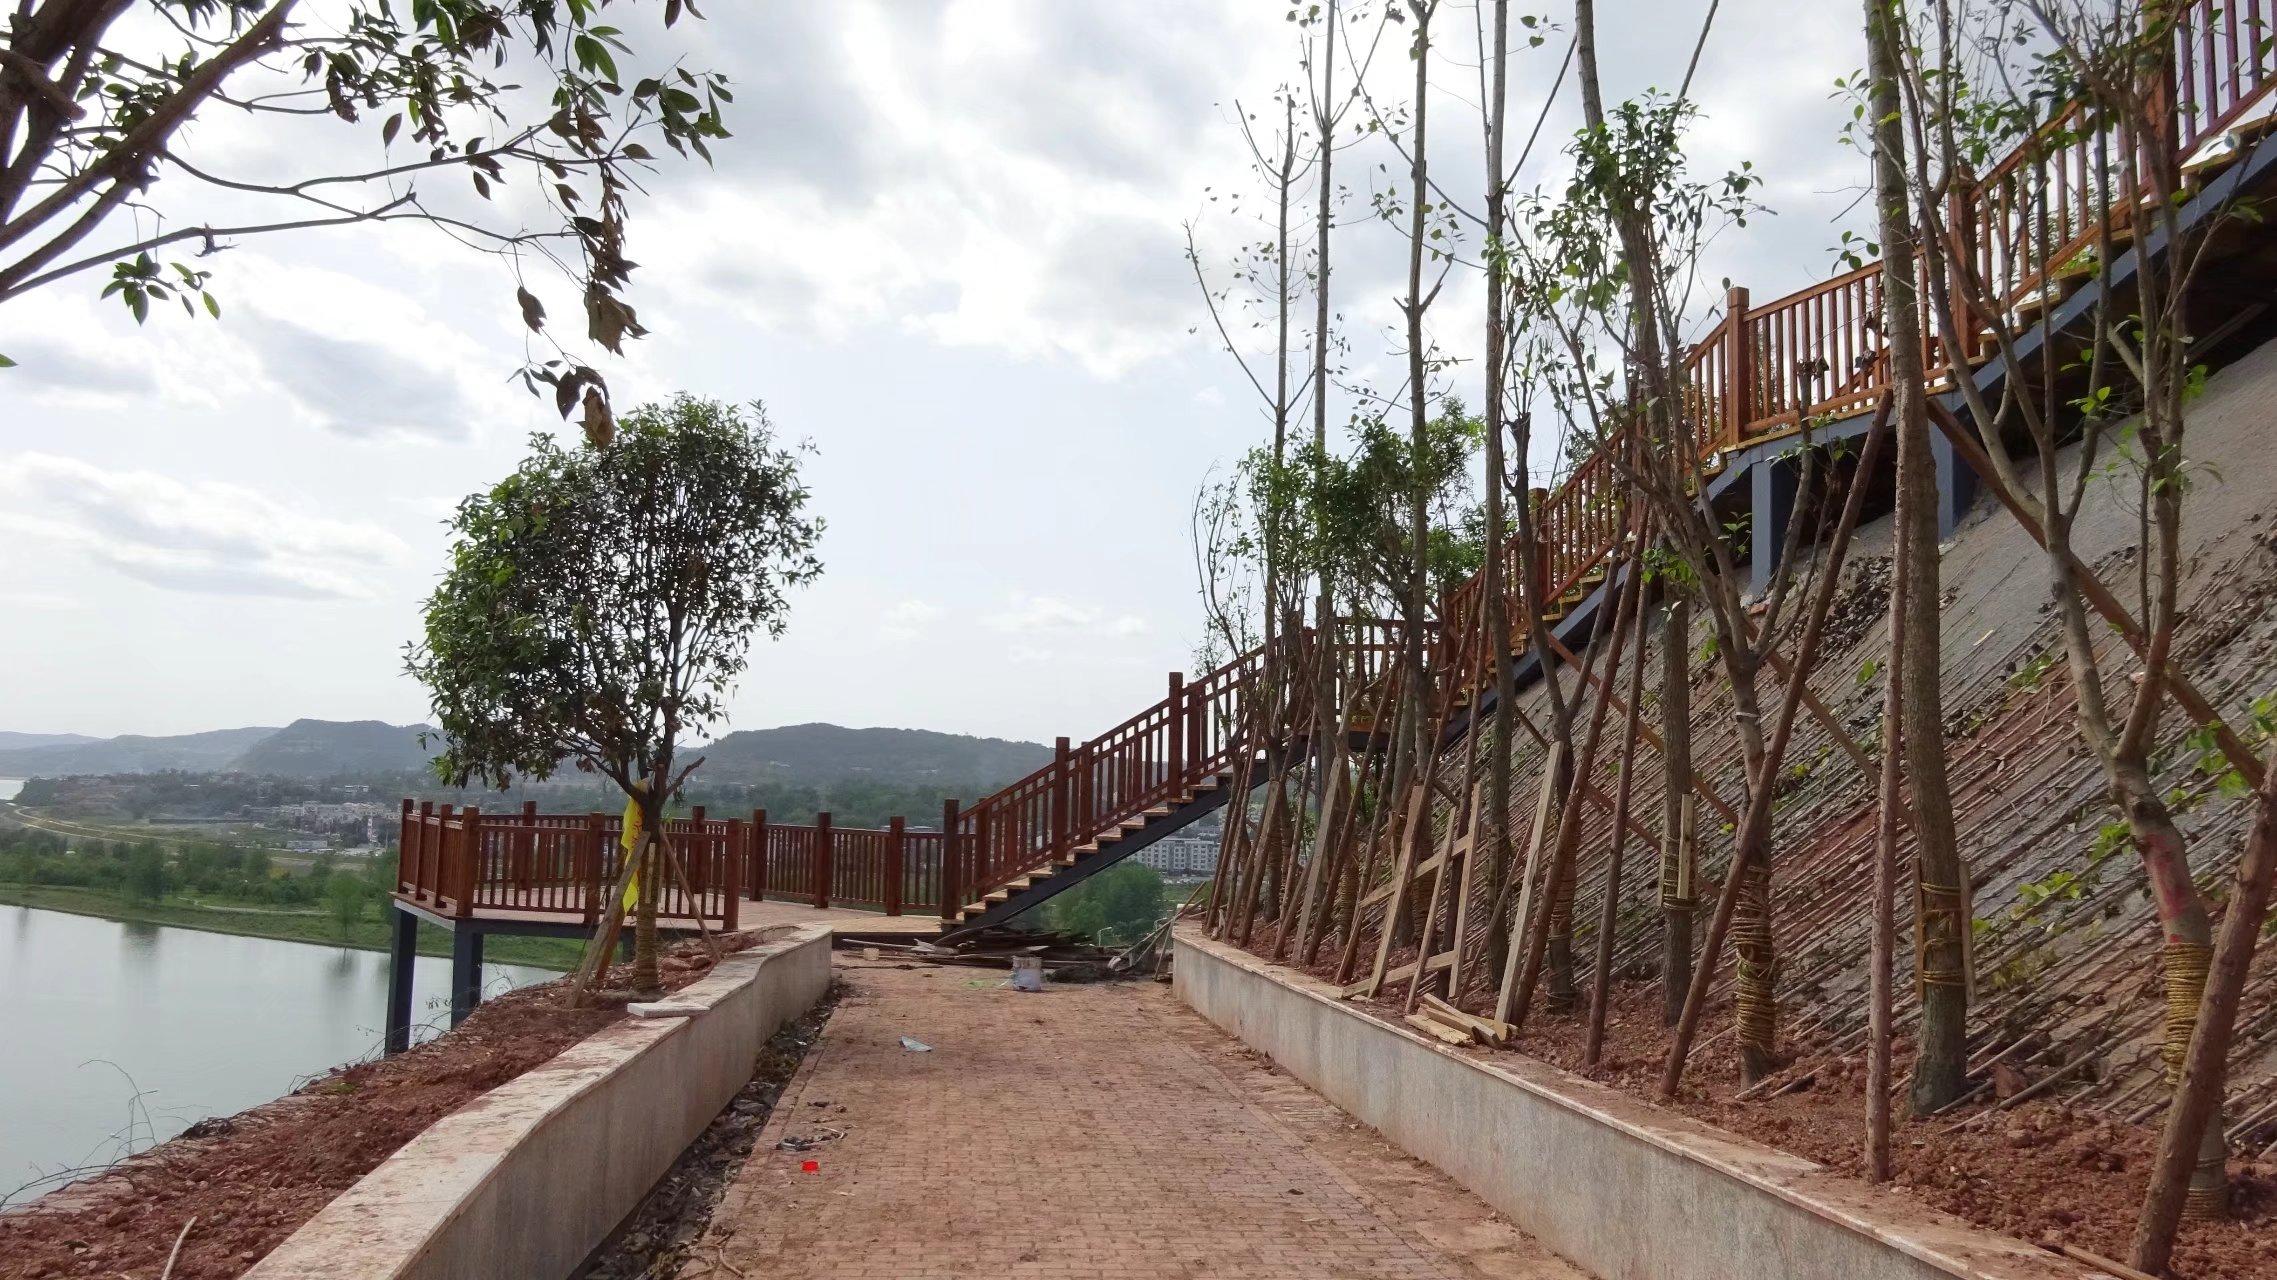 蓬安桑梓火锅公园施工进度(2018-05-10) - 第18张  | 蓬安在线